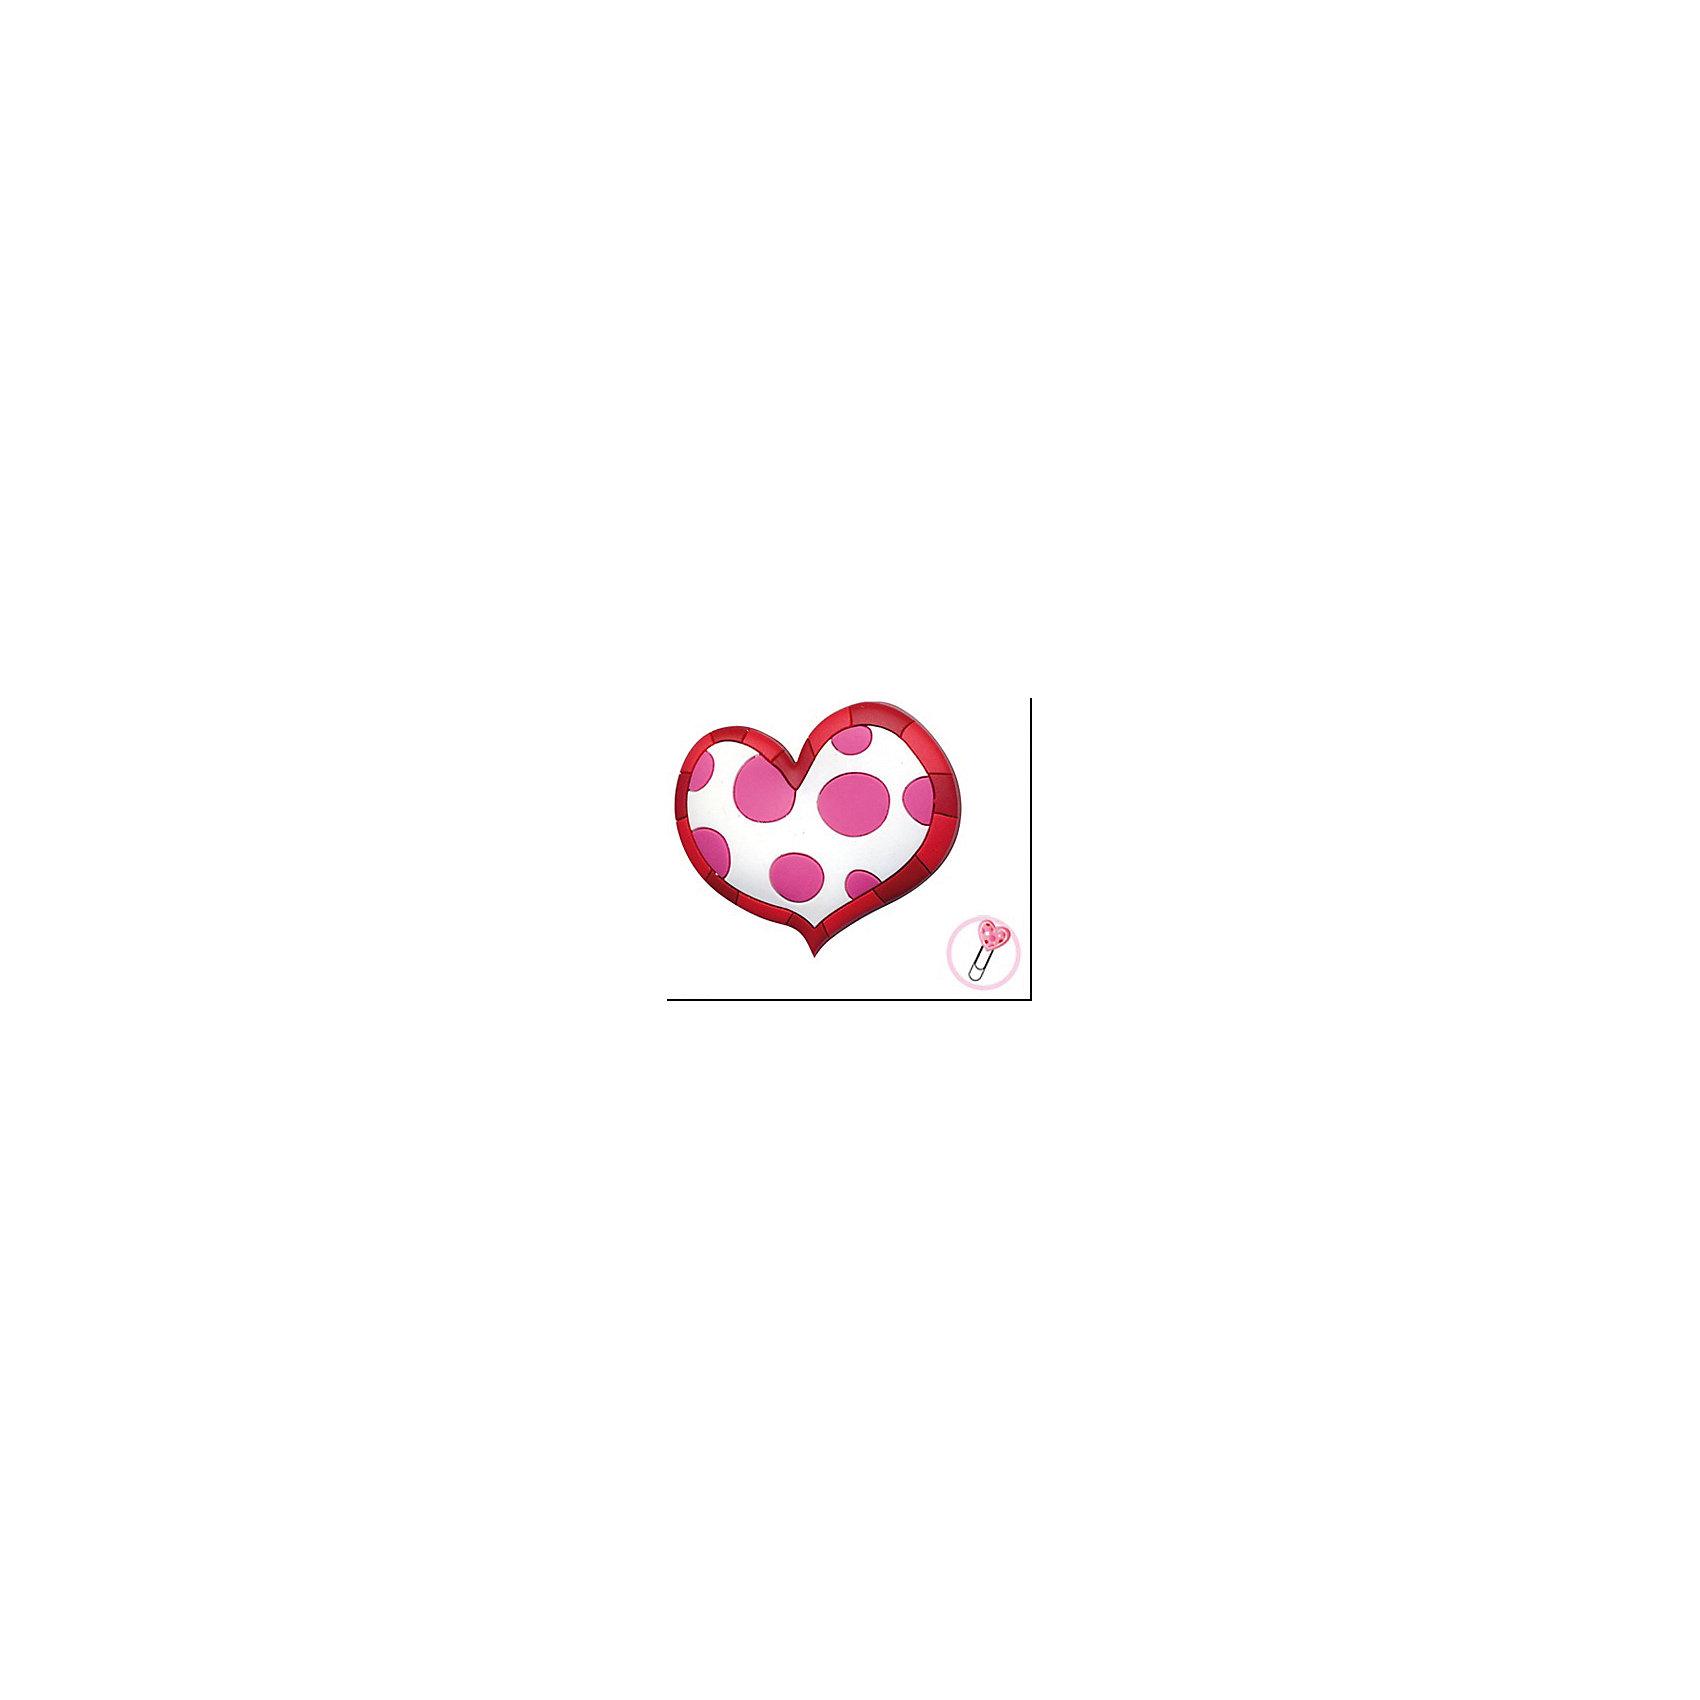 Закладка-сувенир для книг Пятнистое сердцеШкольные аксессуары<br>Закладка-сувенир для книг Пятнистое сердце станет приятным и романтичным аксессуаром на день всех влюбленных или еще одним поводом порадовать близкого человека. Сувенир выполнен в виде белого сердечка в розовый горошек, по краям украшен контурной линией. Оснащен скрепкой, которая служит закладкой для страниц. <br><br>Дополнительная информация:<br><br>- Материал: ПВХ.<br>- Размер сувенира: 13 см.<br><br>Закладку-сувенир для книг Пятнистое сердце, Премьер-игрушка, можно купить в нашем интернет-магазине.<br><br>Ширина мм: 130<br>Глубина мм: 5<br>Высота мм: 20<br>Вес г: 6<br>Возраст от месяцев: 72<br>Возраст до месяцев: 2147483647<br>Пол: Унисекс<br>Возраст: Детский<br>SKU: 4512291